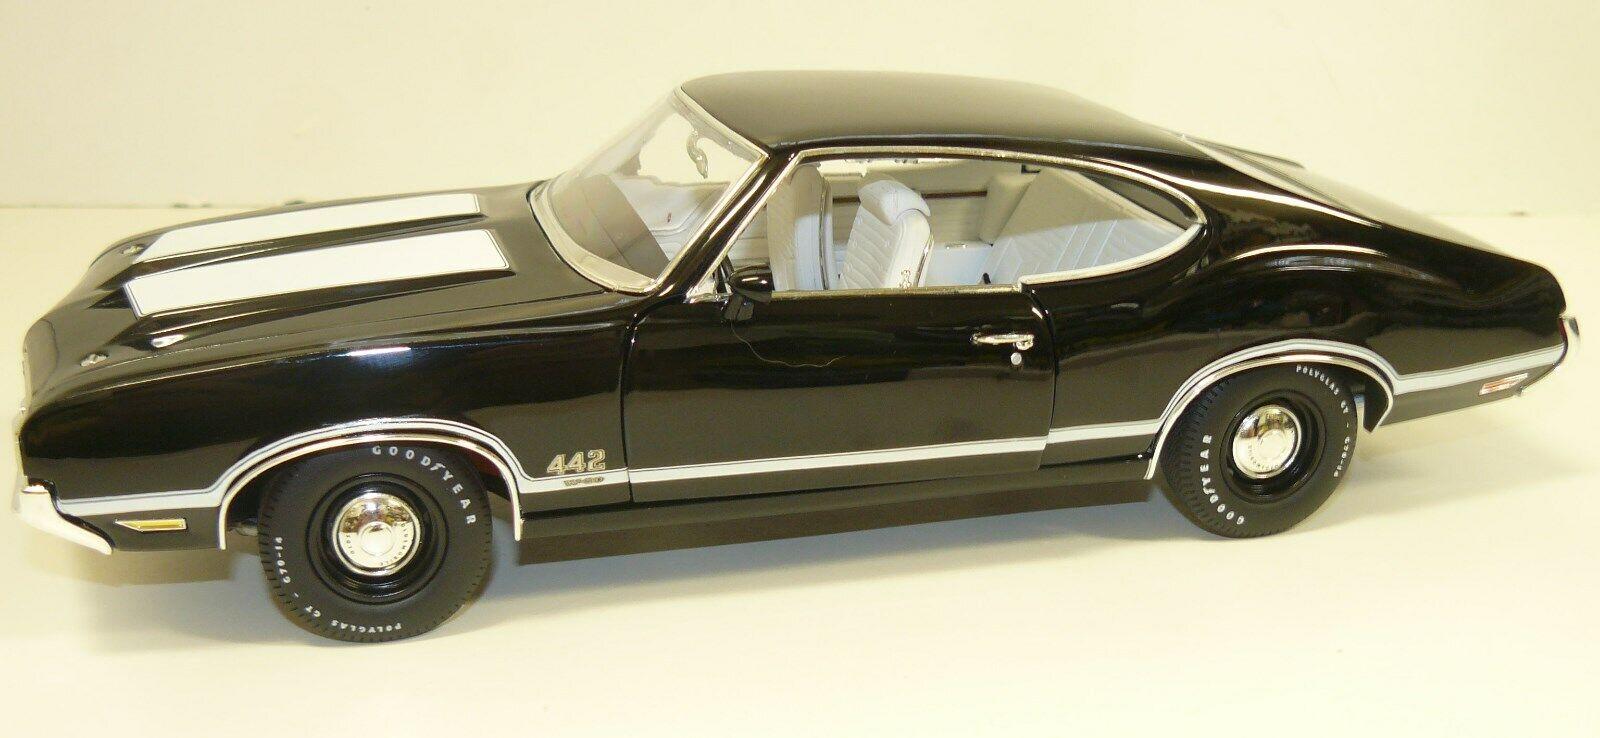 1 18, ACME 1970 OLDS 442, noir,  286 de 420, manquant un soleil visière sur le